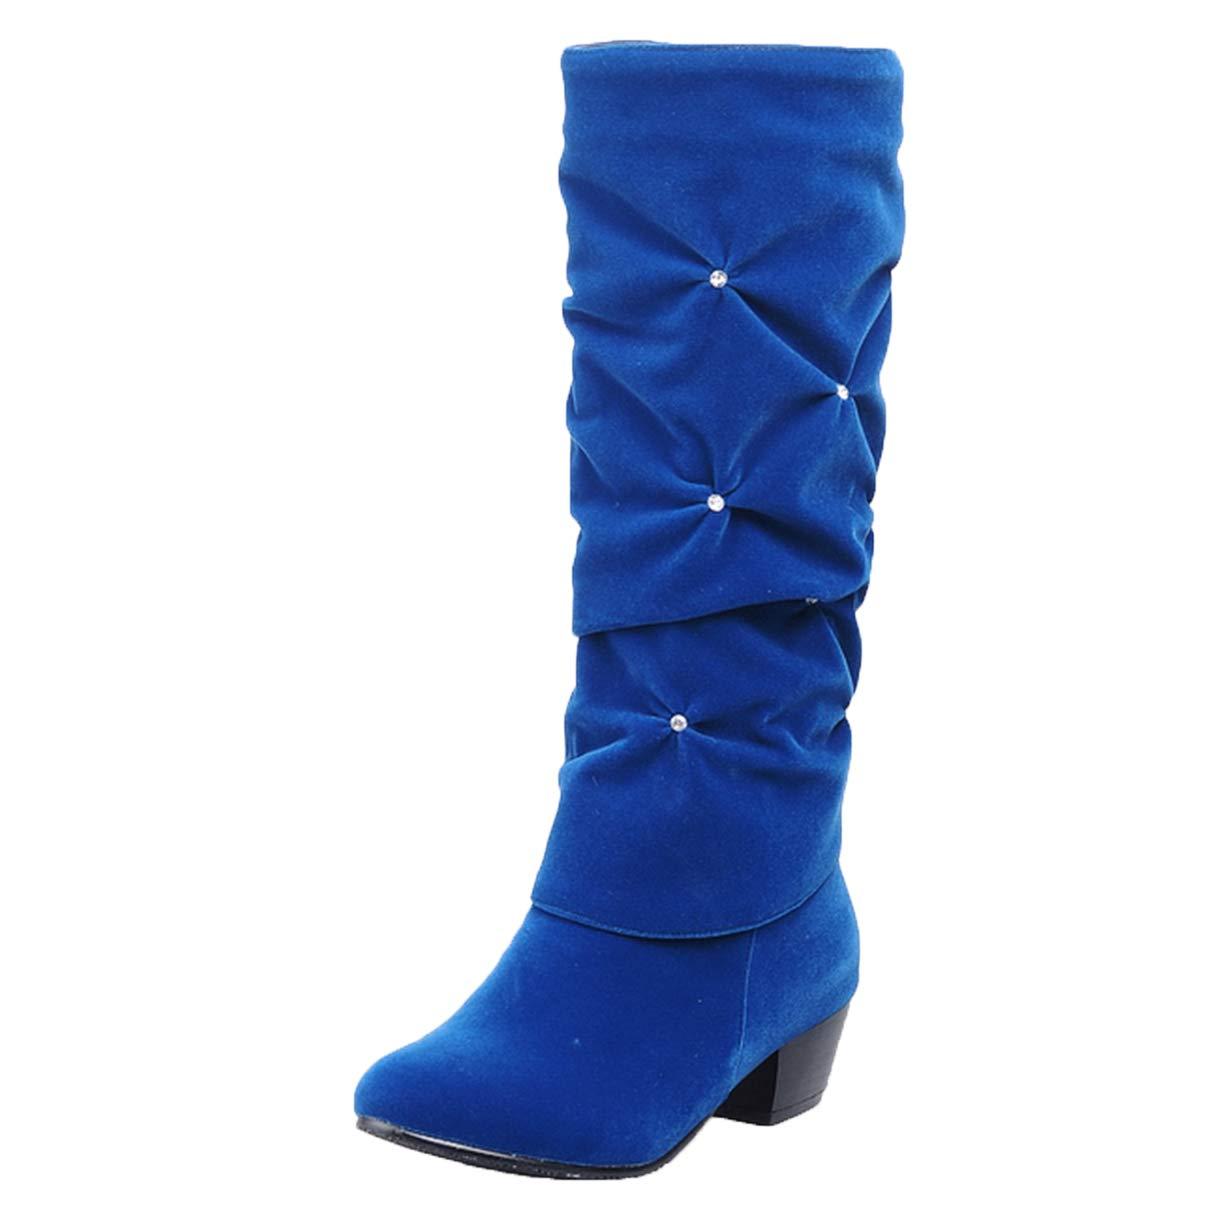 JYshoes Bottes , Bottes Bleu Classiques Femme JYshoes Bleu f476fe1 - boatplans.space